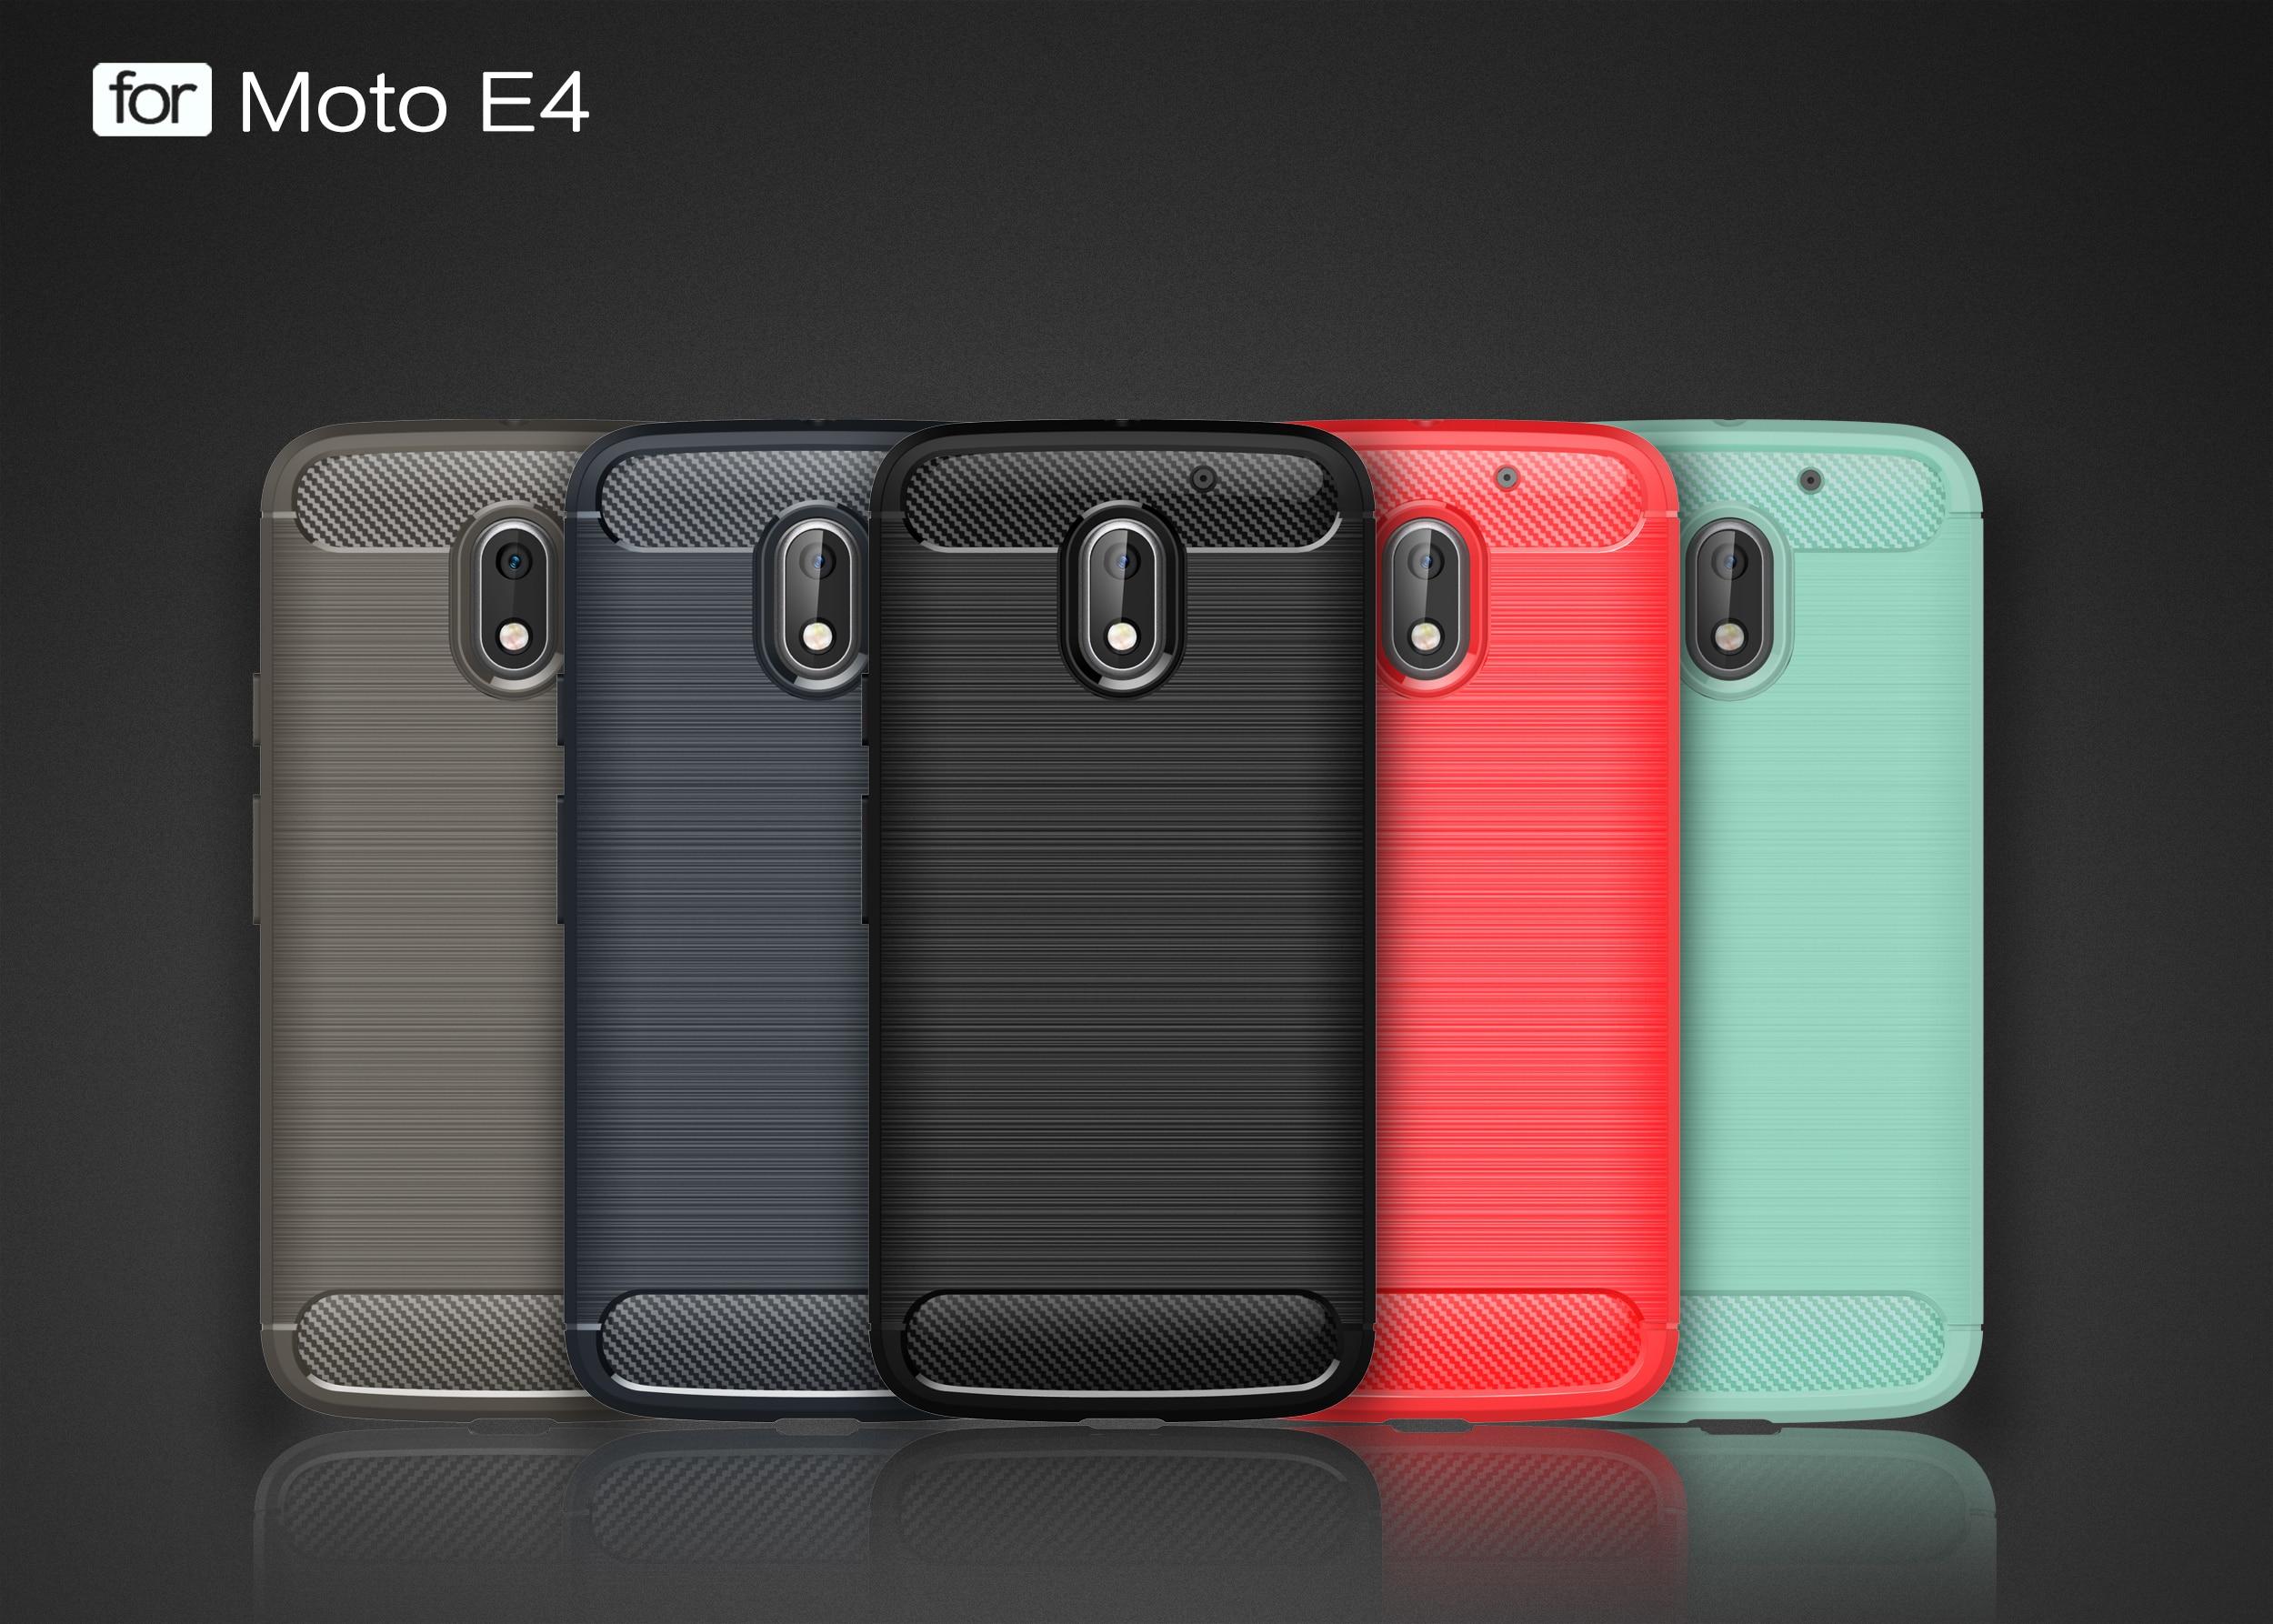 motorola e3 case. Aliexpress.com : Buy Carbon Fiber Cover For Motorola E3 Case Moto XT1700 XT1706 Silicone Armor 5.0\